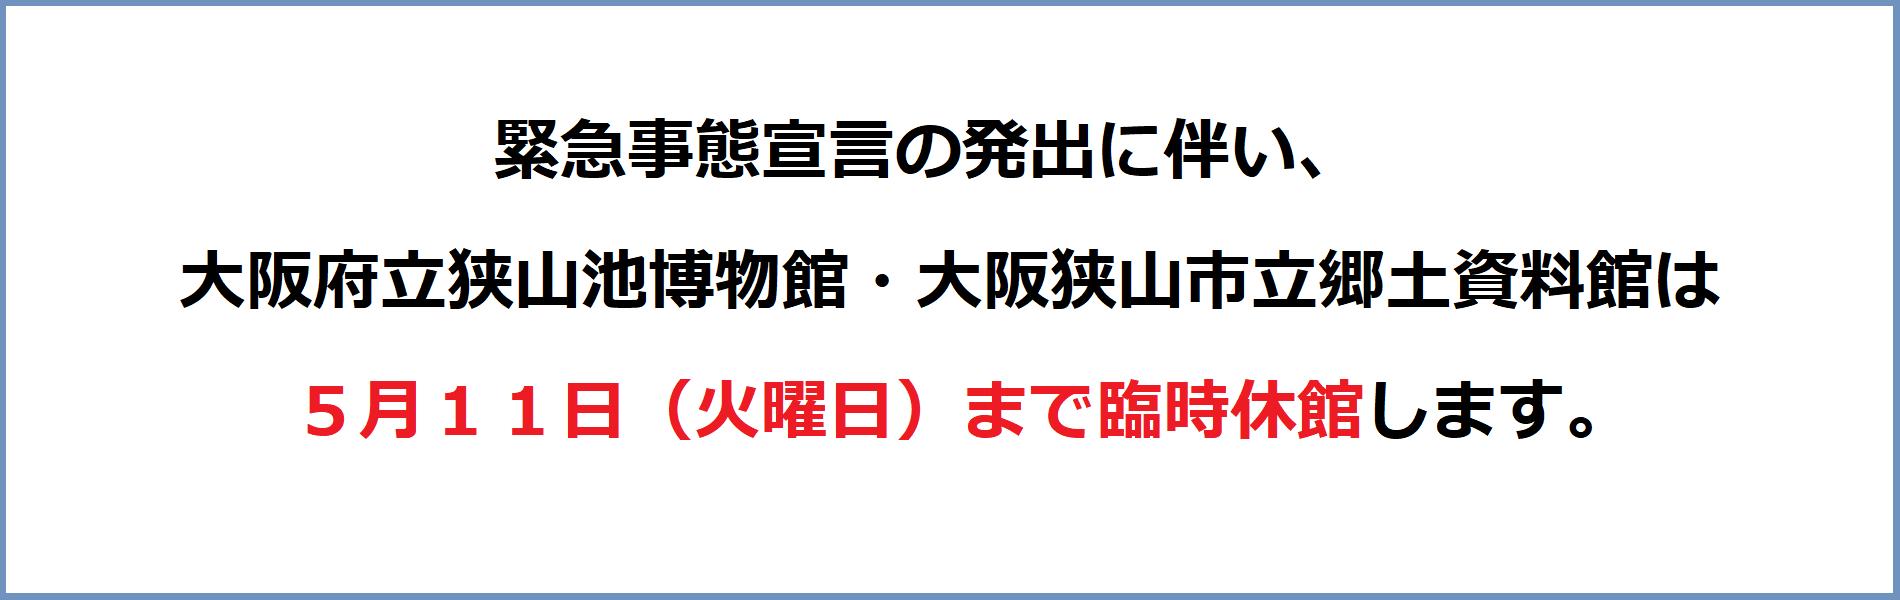 緊急事態宣言により5月11日まで臨時休館します